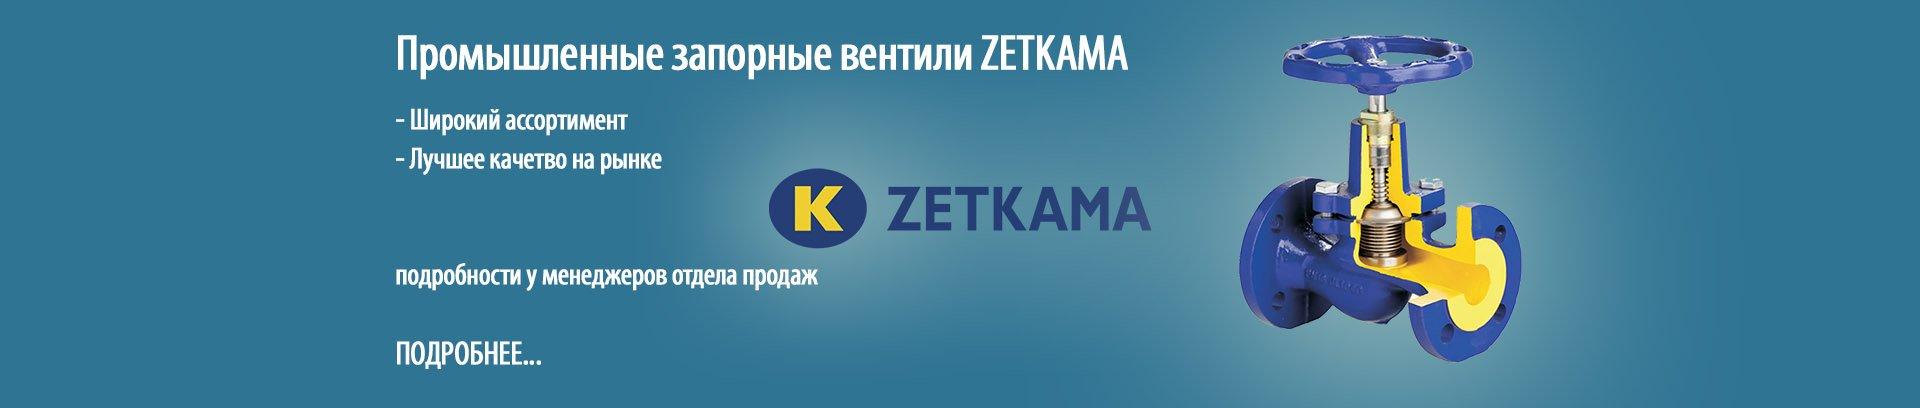 Zetakama